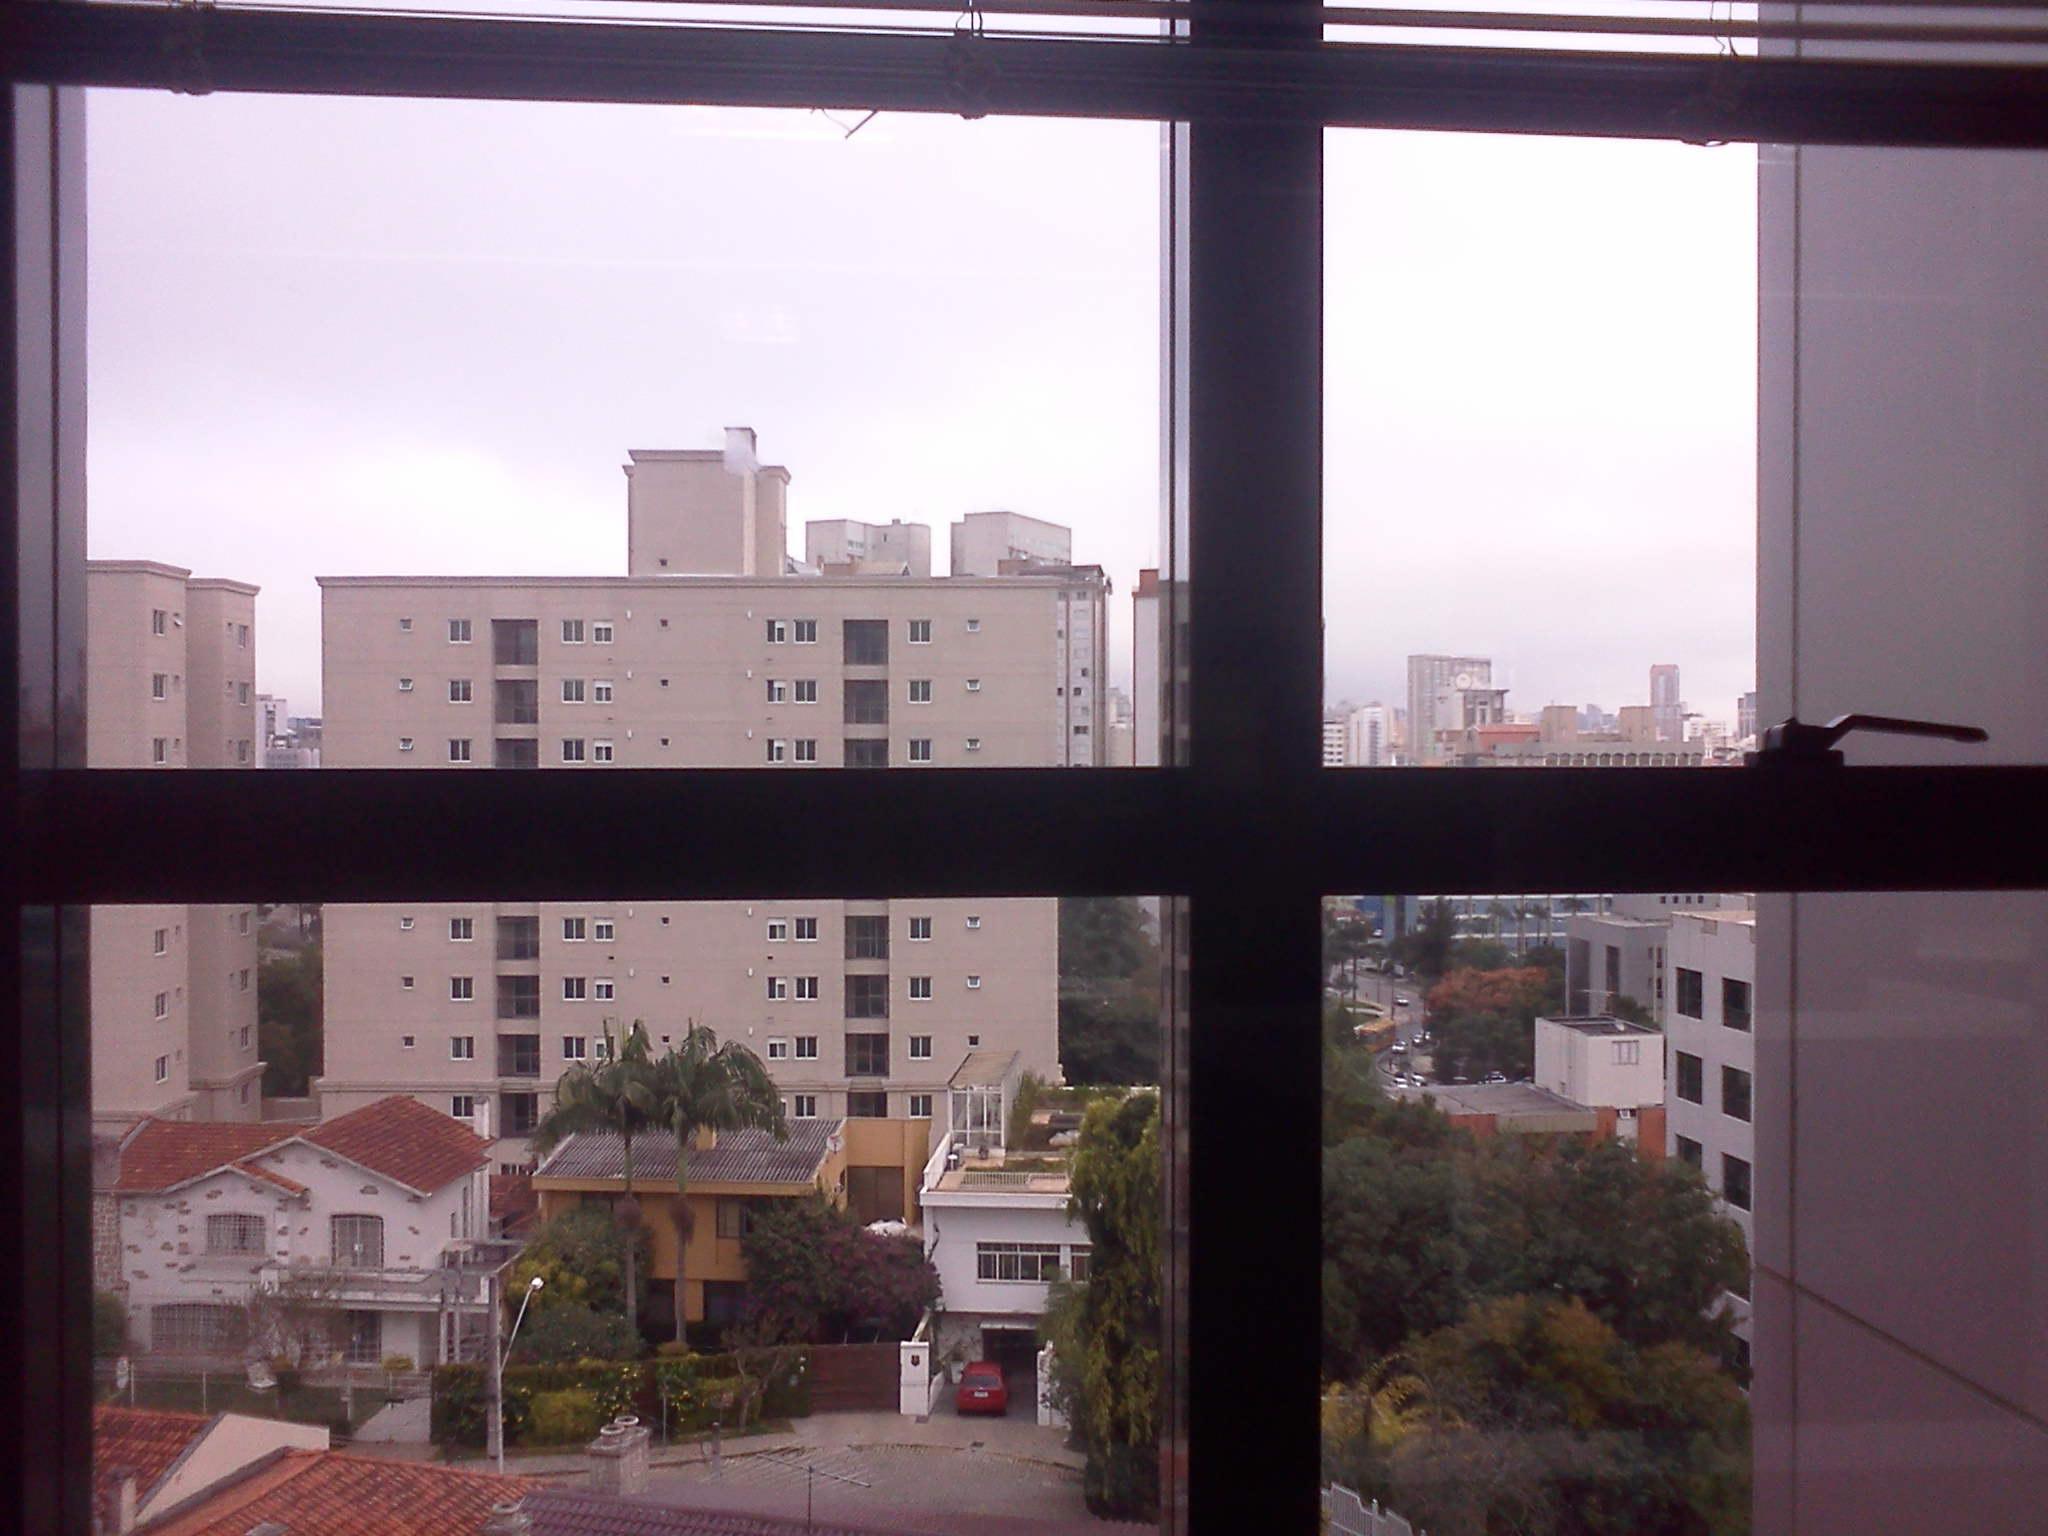 Fechou o tempo aqui no centro de Curitiba! - Dilberto Rosa